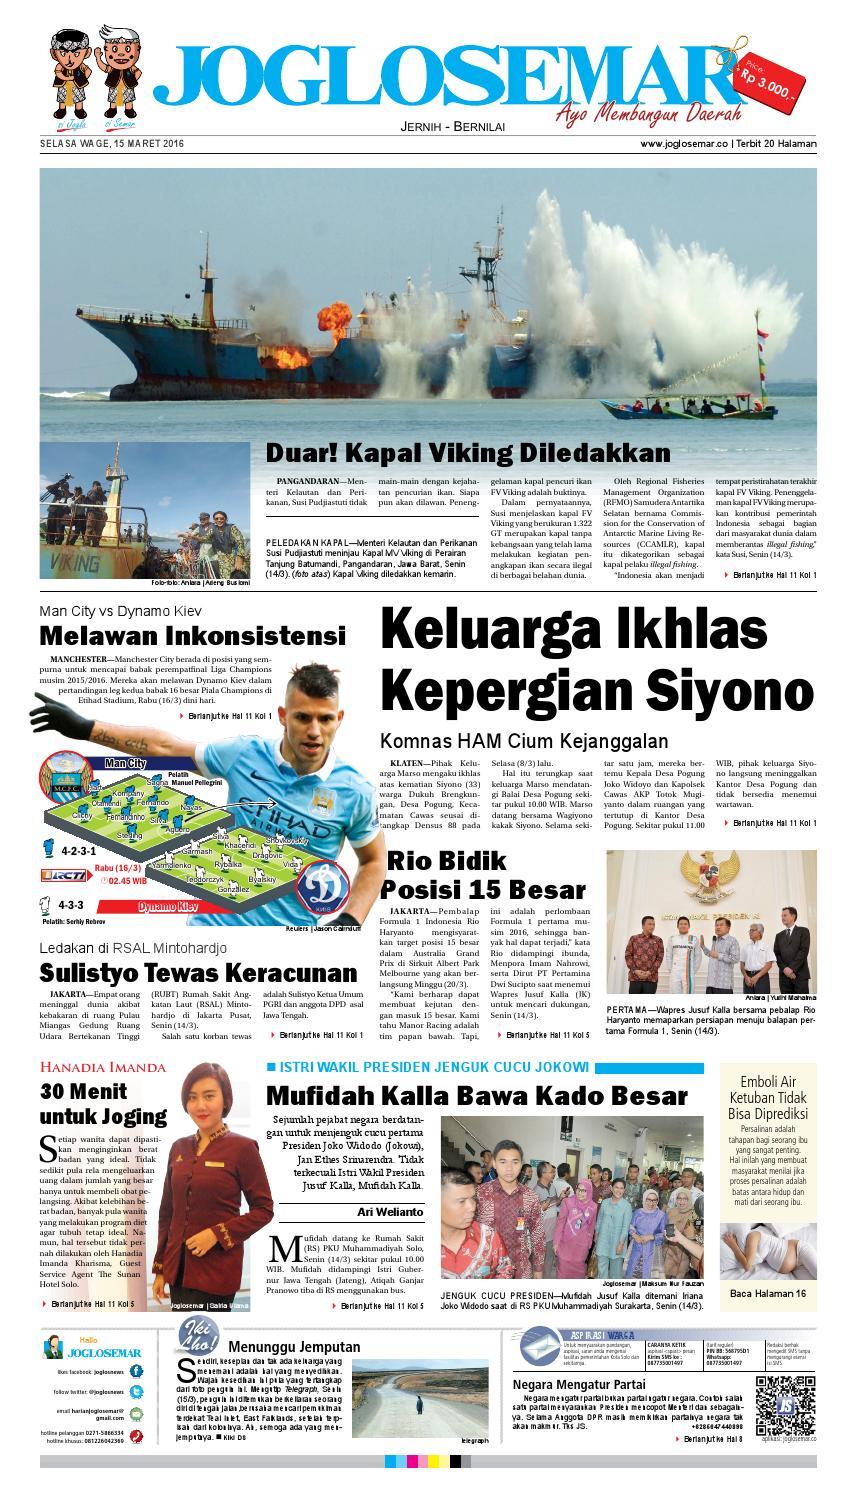 E Paper 15 Maret 2016 By PT Joglosemar Prima Media Issuu